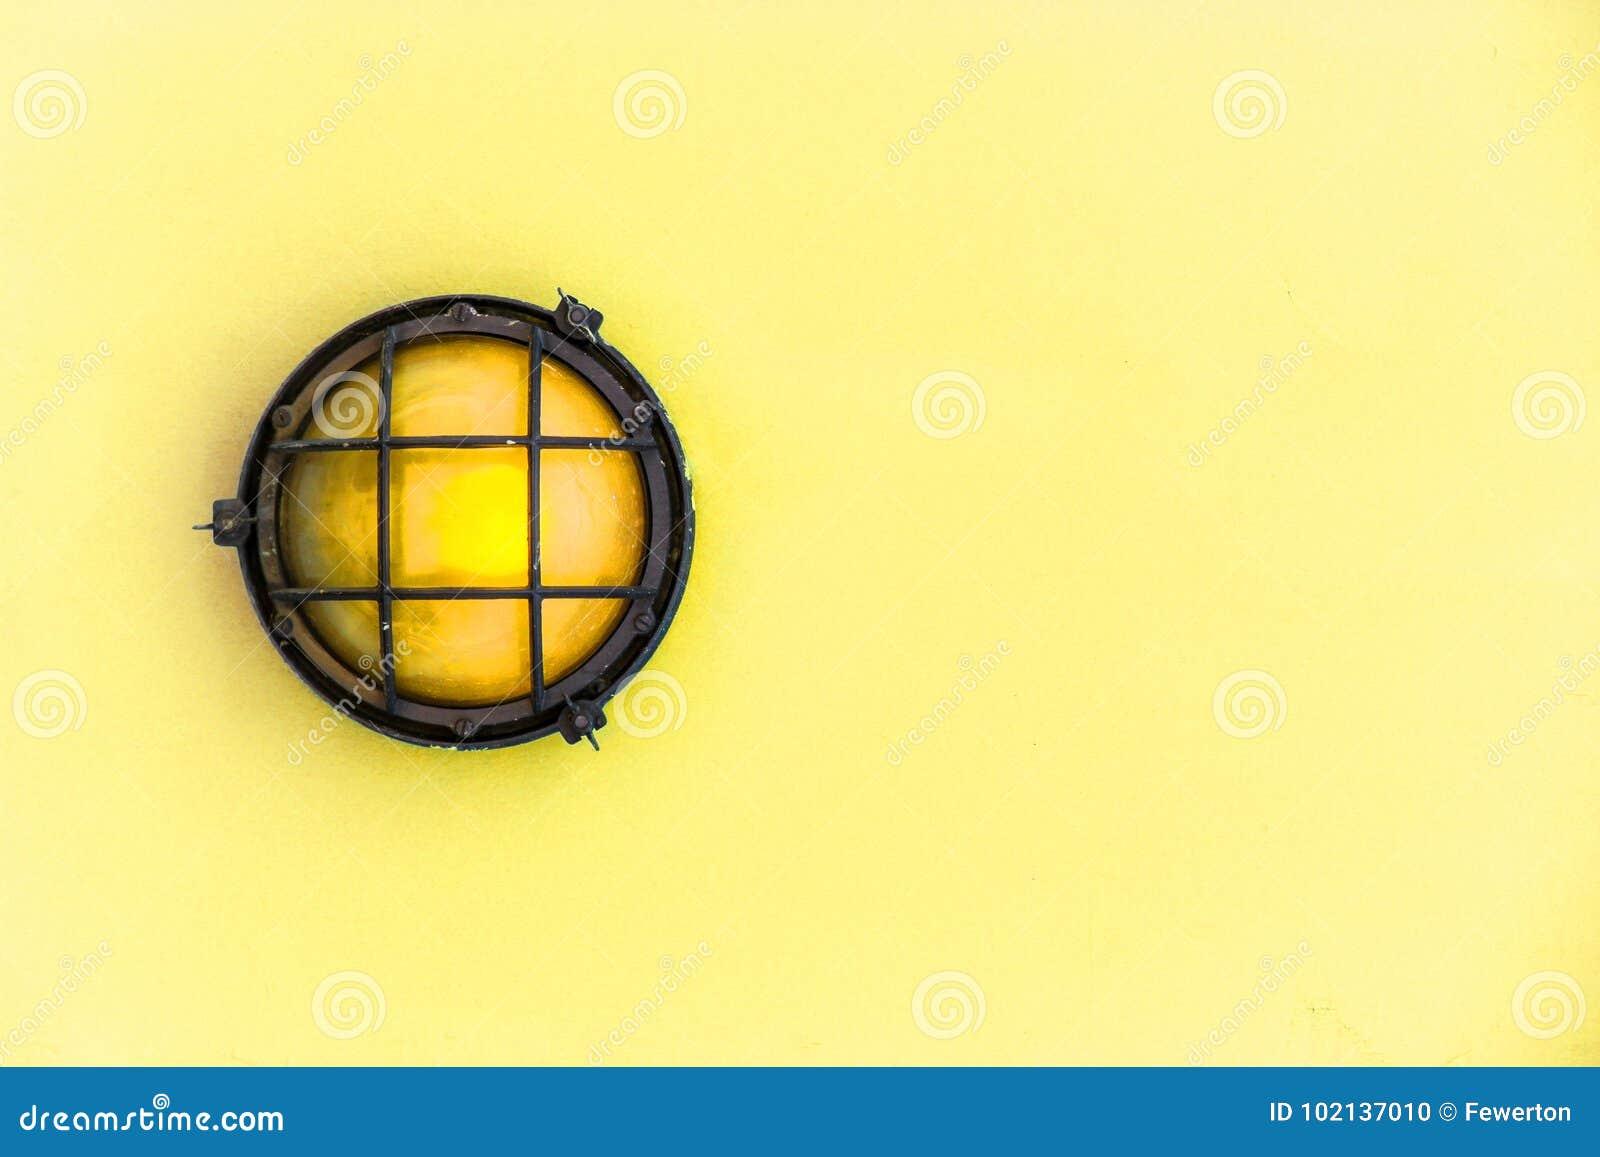 Die Gelbe Plattformlampe Des Hellen Schiffs Der Schutzwand, Die ...